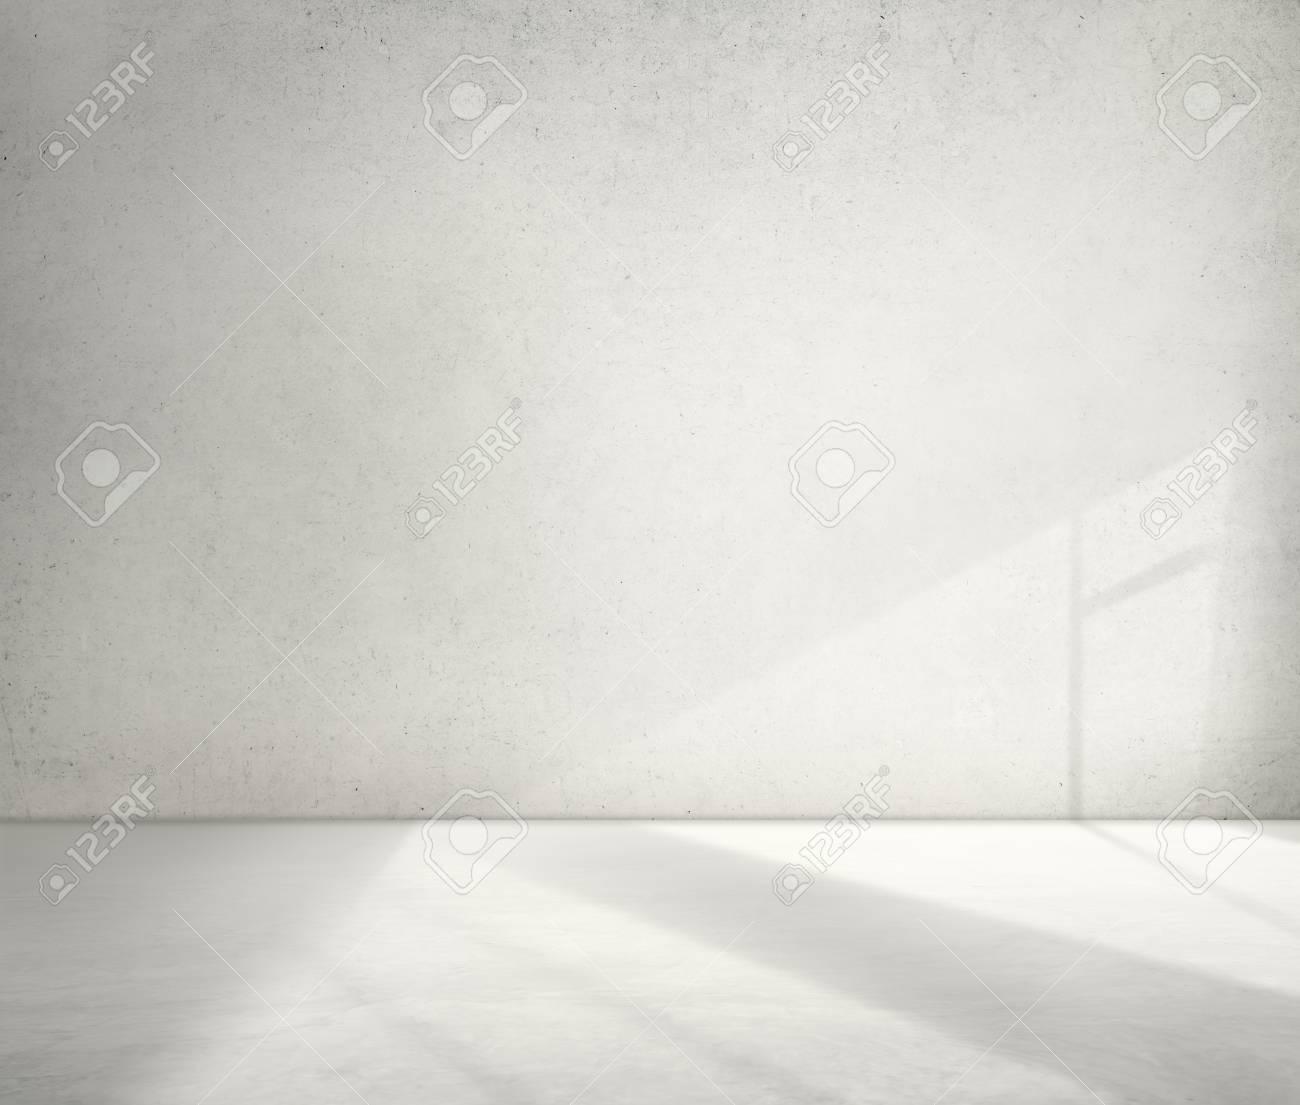 コンクリートの部屋コーナー影セメント壁紙概念 の写真素材 画像素材